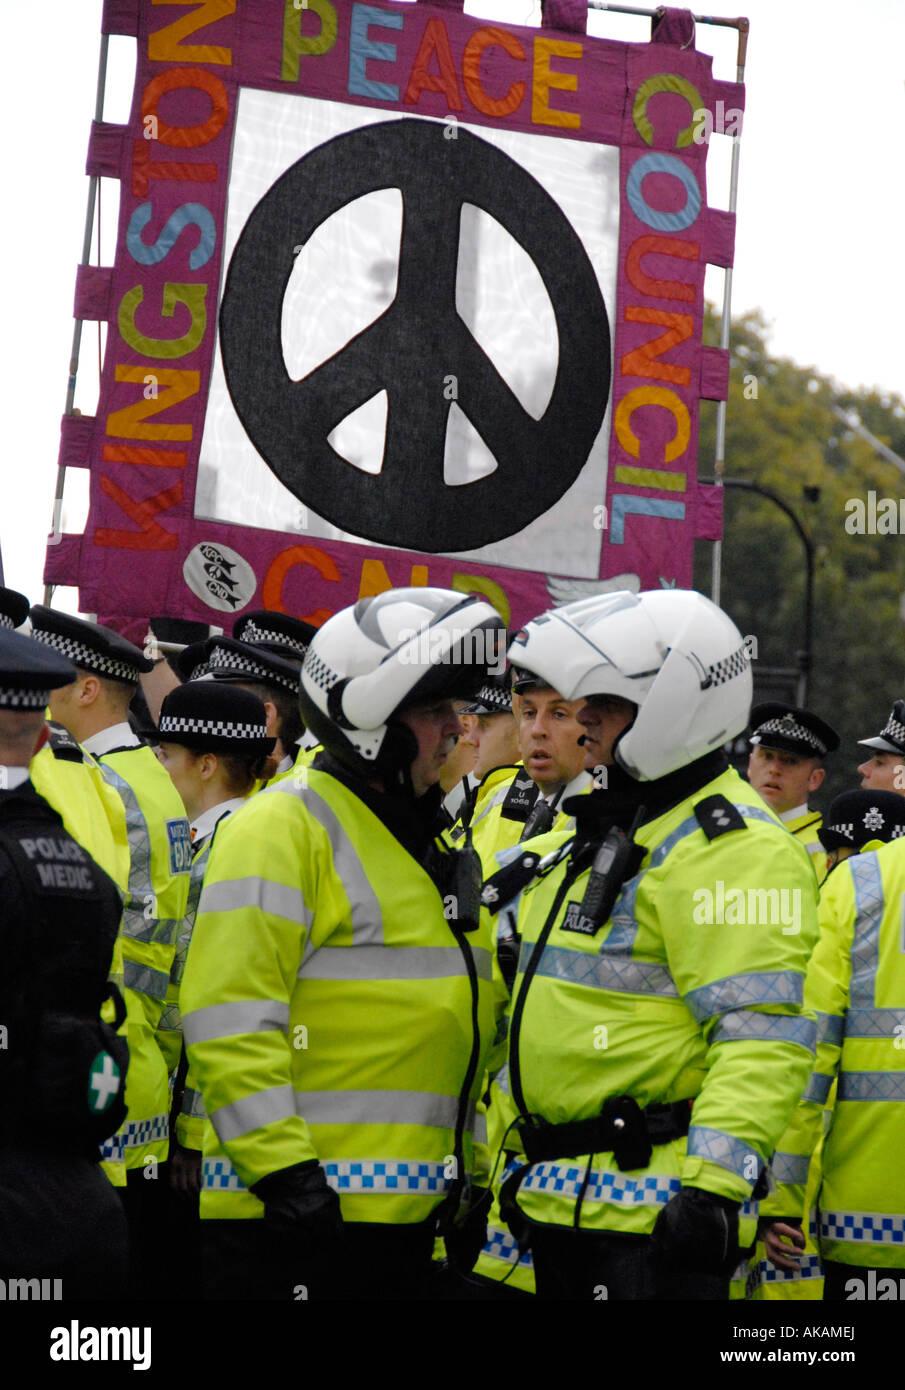 Fermare la guerra di dimostrazione 8 Ott 2007 che inizialmente è stato vietato ma terminava con 5000 in marcia Immagini Stock